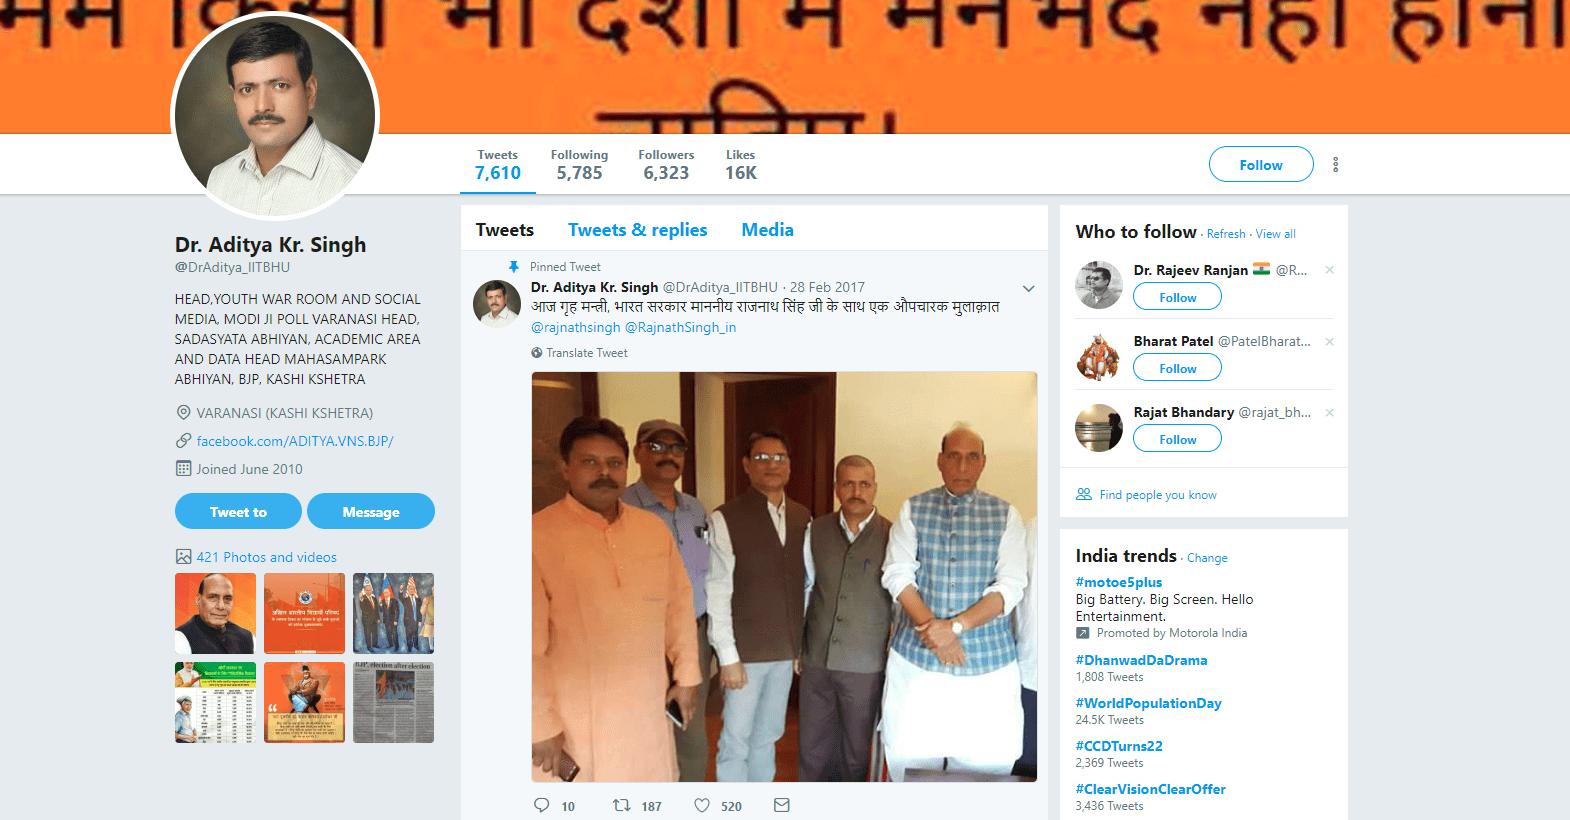 ڈاکٹر آدتیہ کمار سنگھ کا ٹوئٹر پروفائل، جس کی پہلی تصویر میں وہ وزیر داخلہ راجناتھ سنگھ کے ساتھ ہیں۔